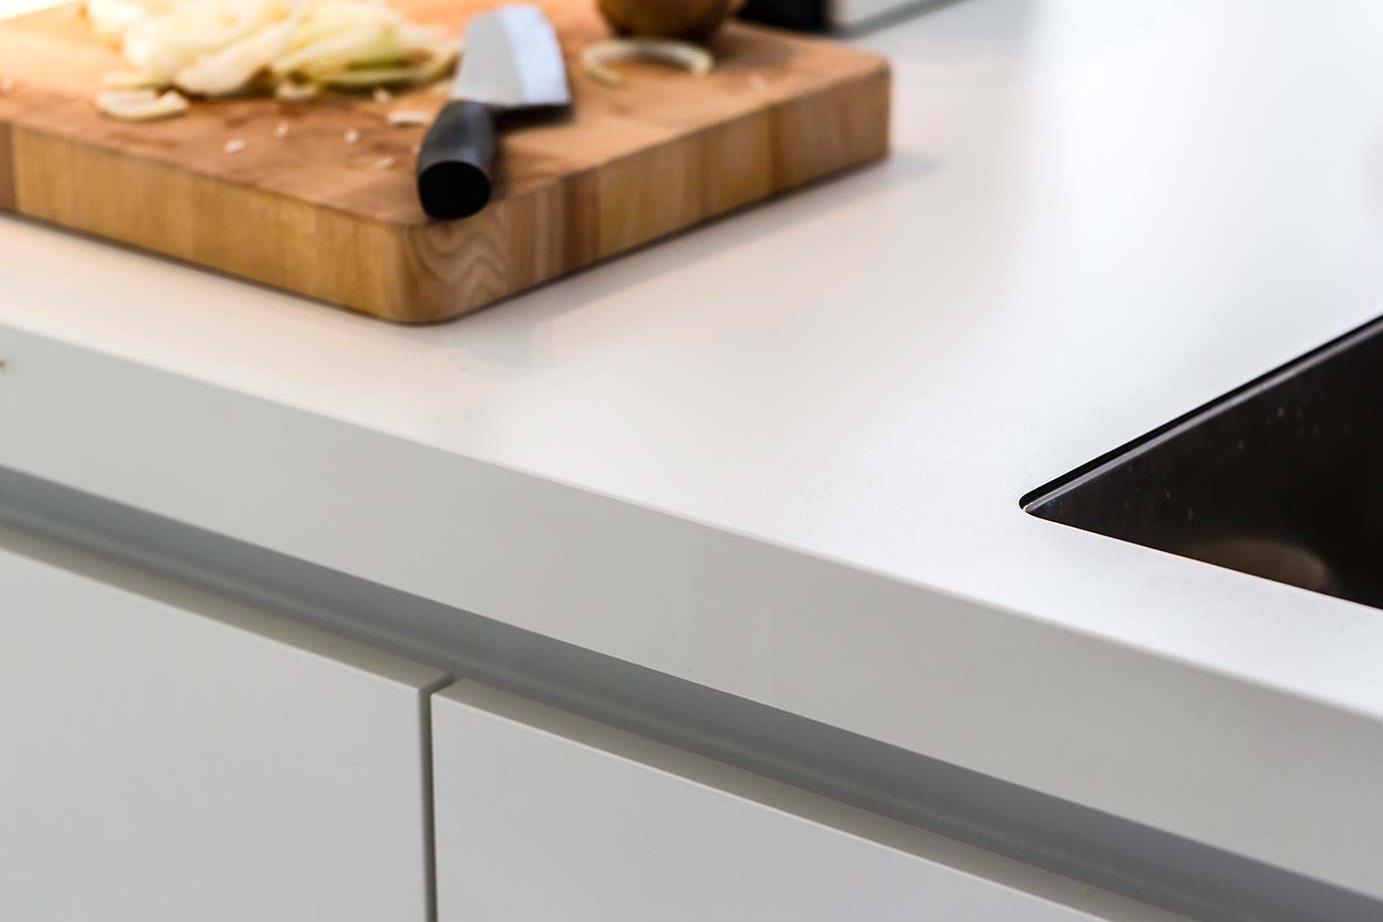 Keuken Handgrepen Landelijk : Handgrepen keuken modellen praktisch advies pelma